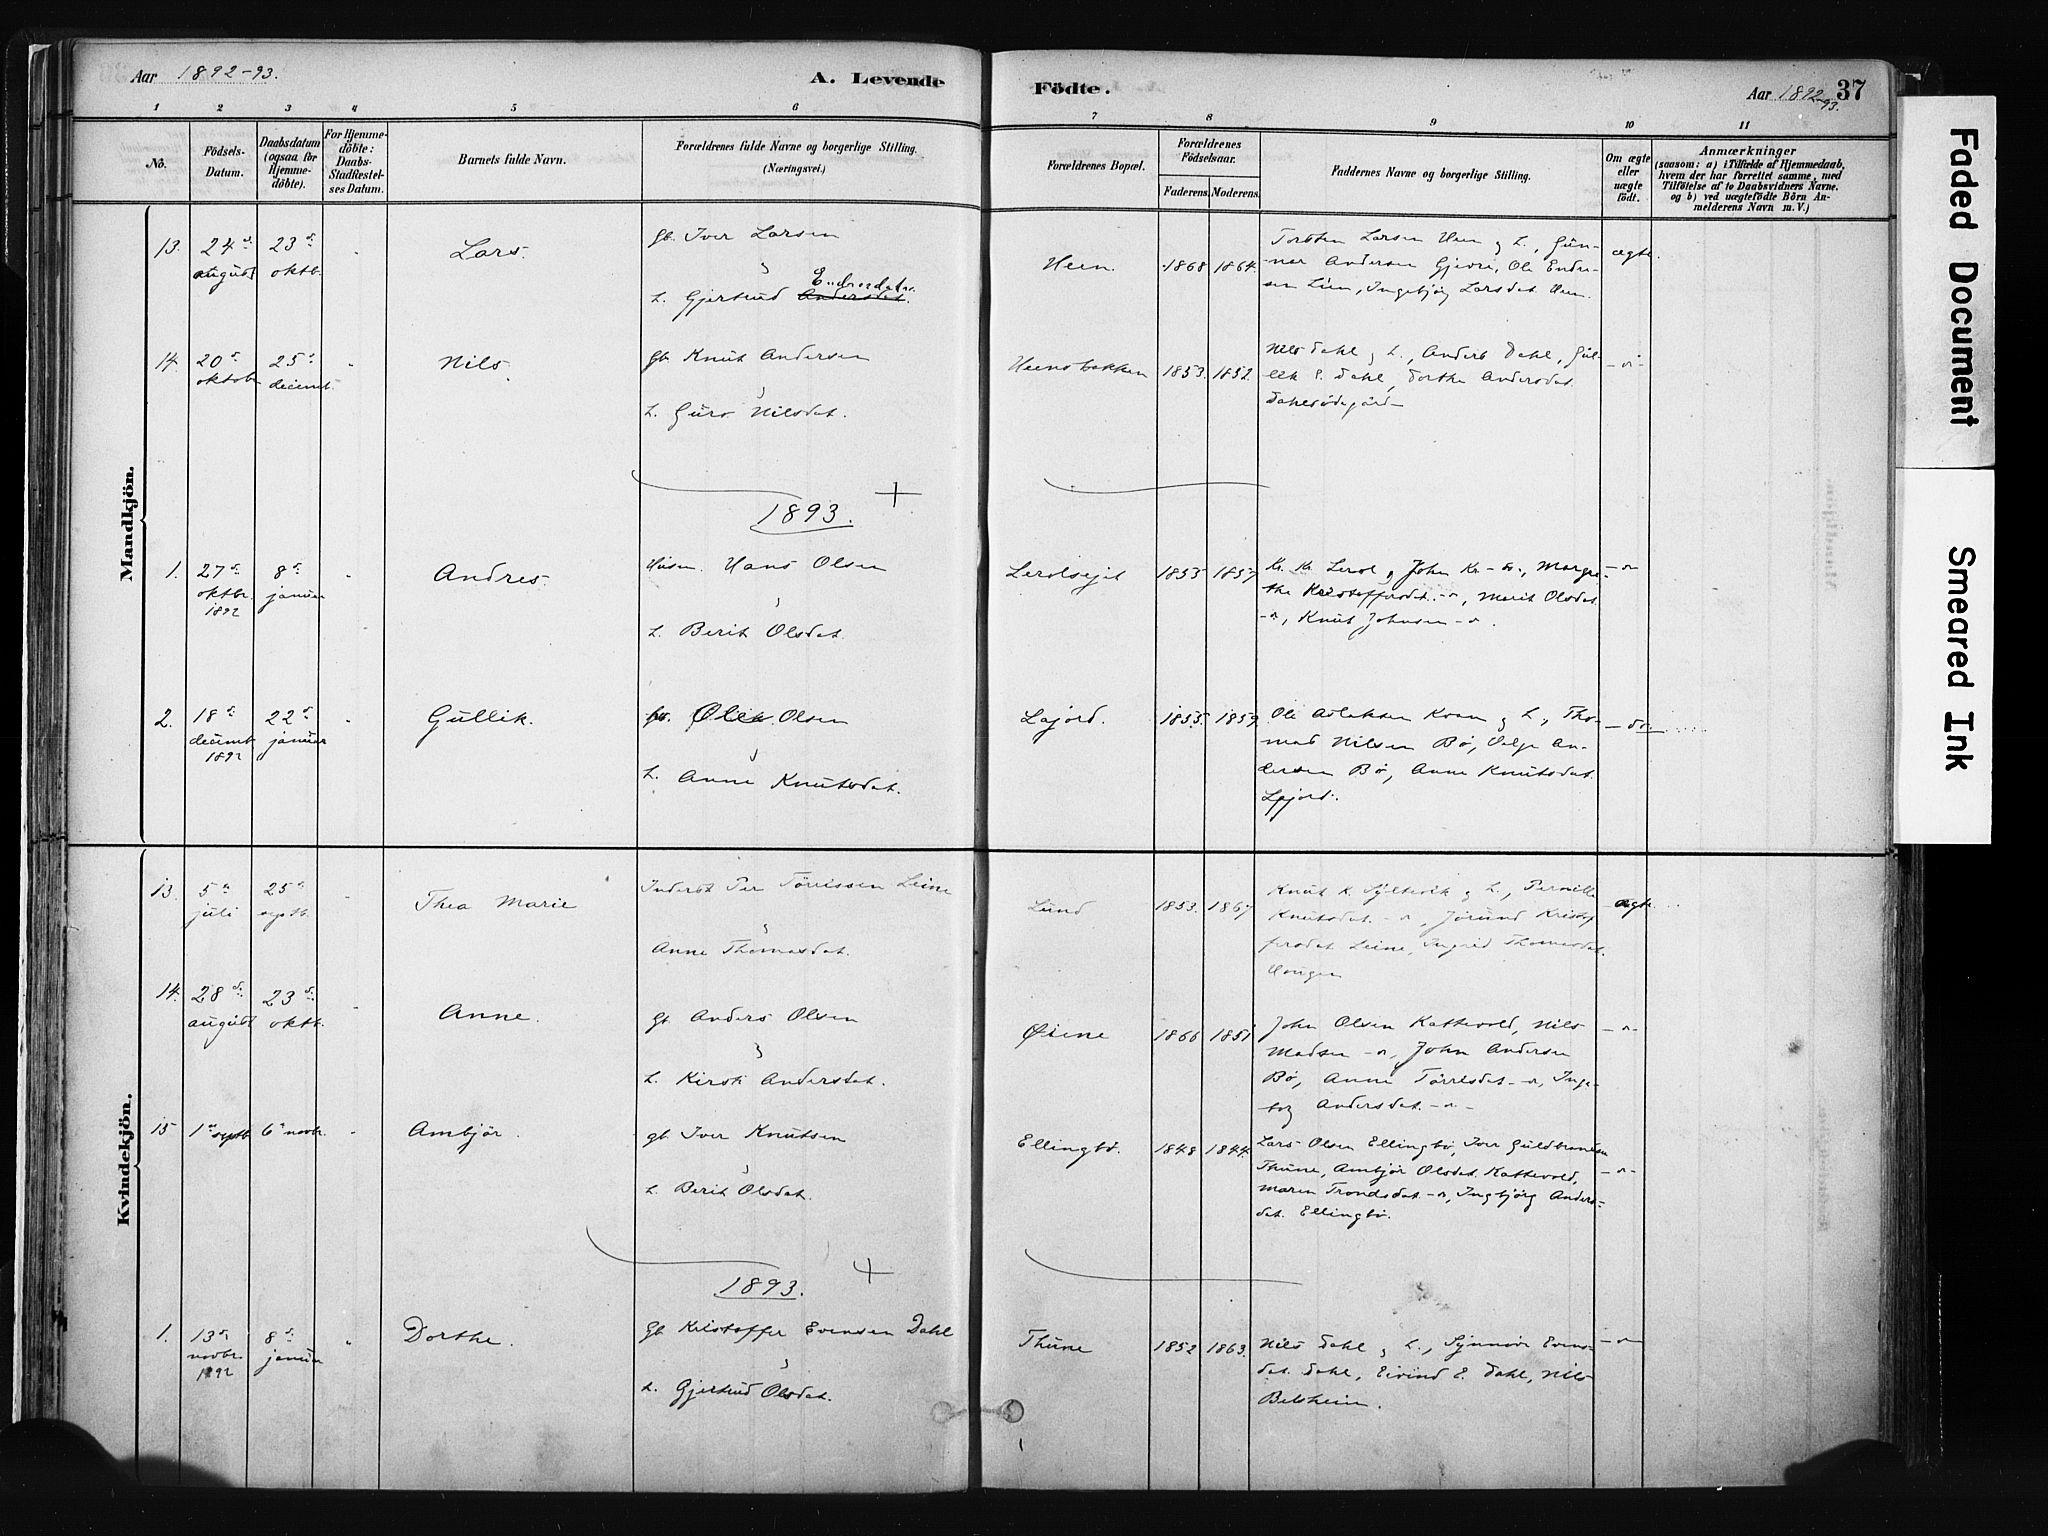 SAH, Vang prestekontor, Valdres, Ministerialbok nr. 8, 1882-1910, s. 37